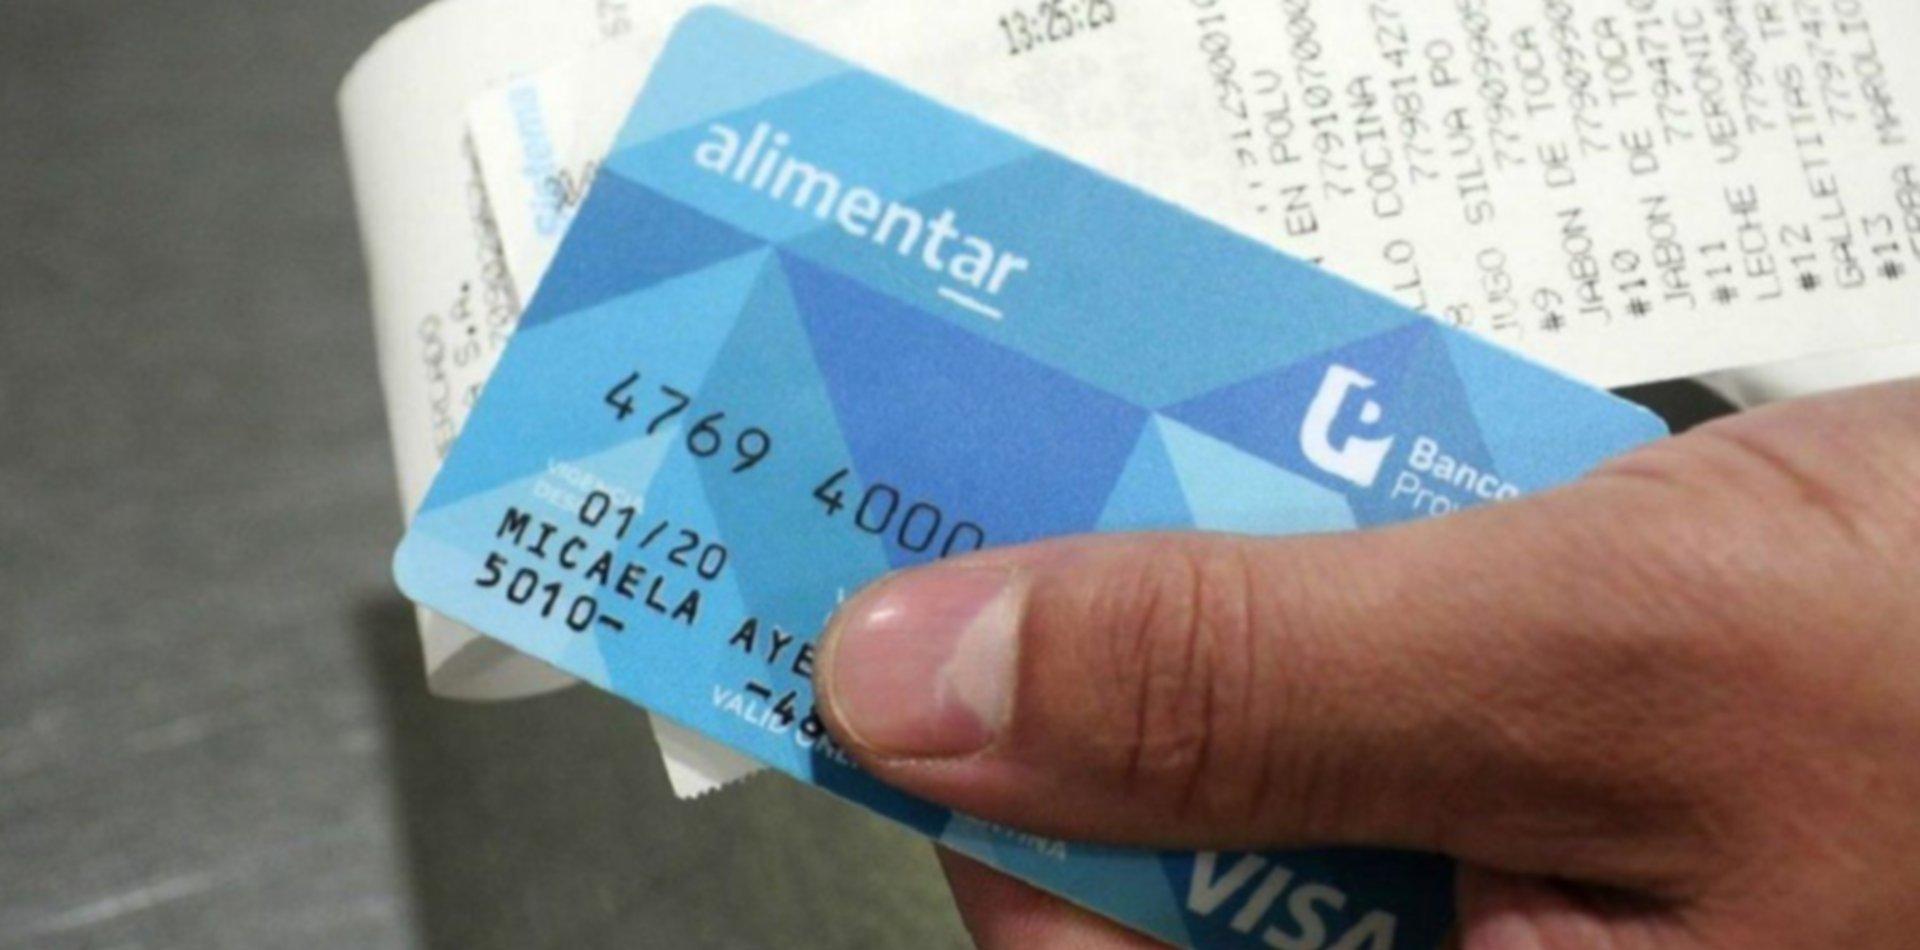 ¿Qué días de enero se acredita el nuevo saldo de la Tarjeta AlimentAR?